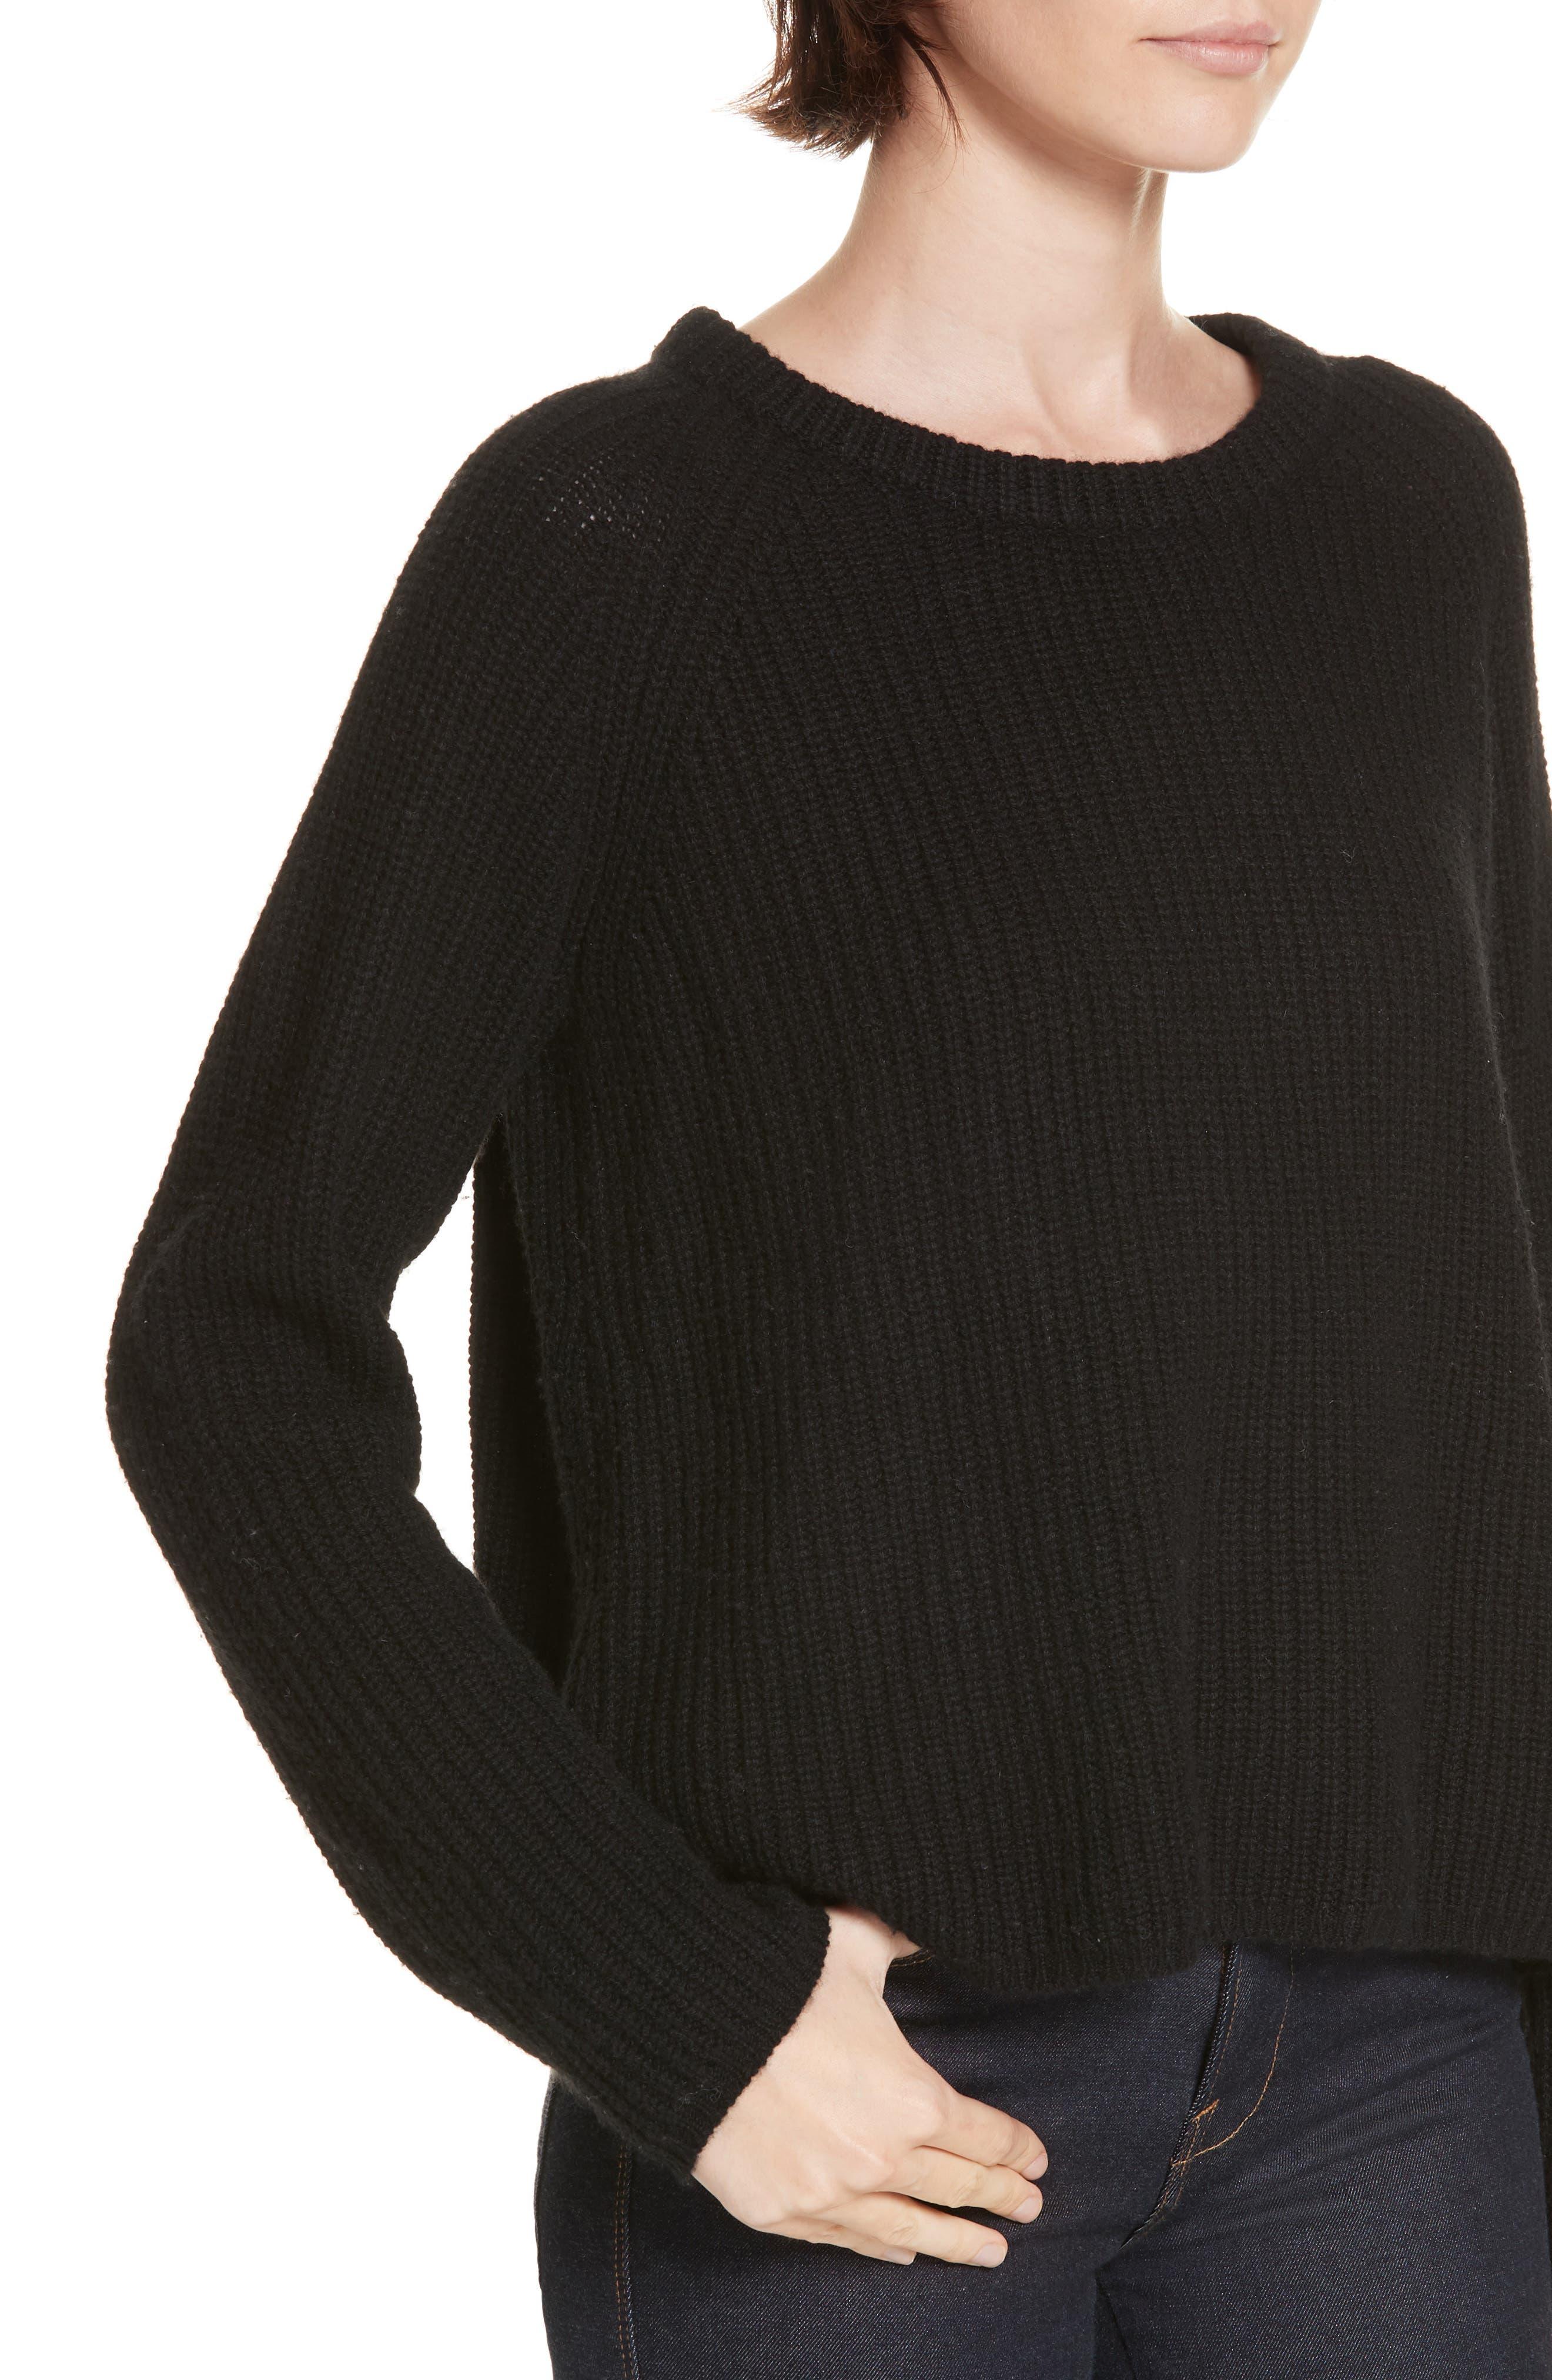 JENNI KAYNE,                             Fisherman Crewneck Cashmere Sweater,                             Alternate thumbnail 4, color,                             001